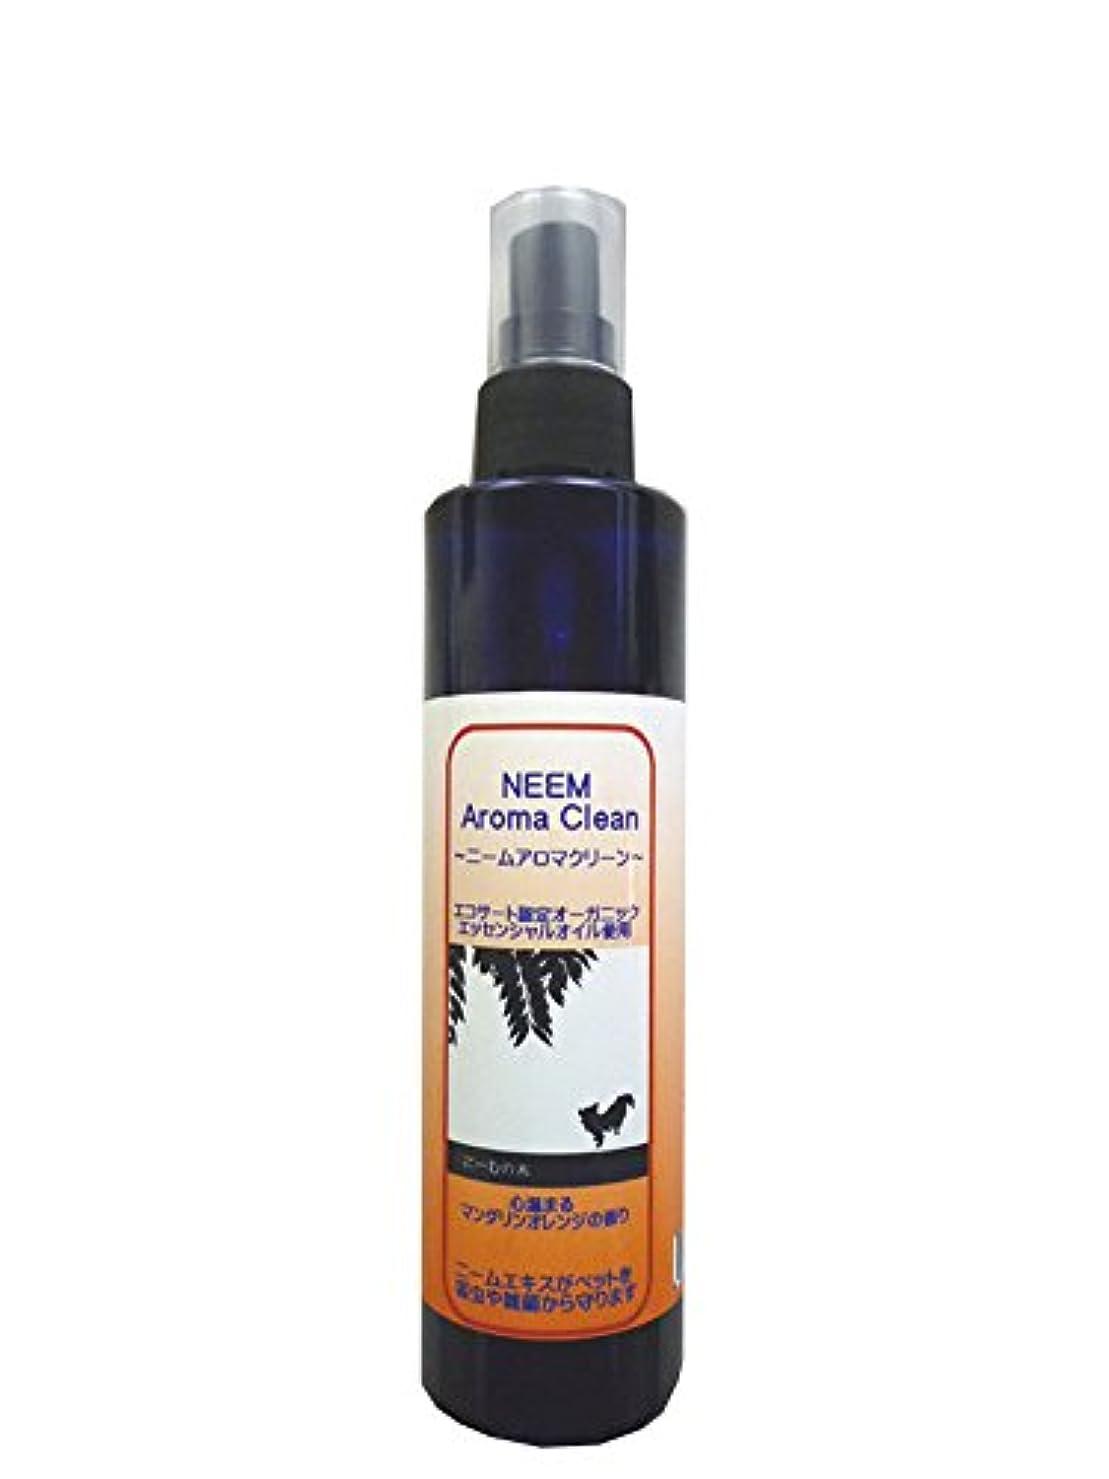 リーダーシップお誕生日謎めいたニームアロマクリーン(マンダリンオレンジ) NEEM Aroma Clean 200ml 【BLOOM】【(ノミ?ダニ)駆除用としてもお使いいただけます。】